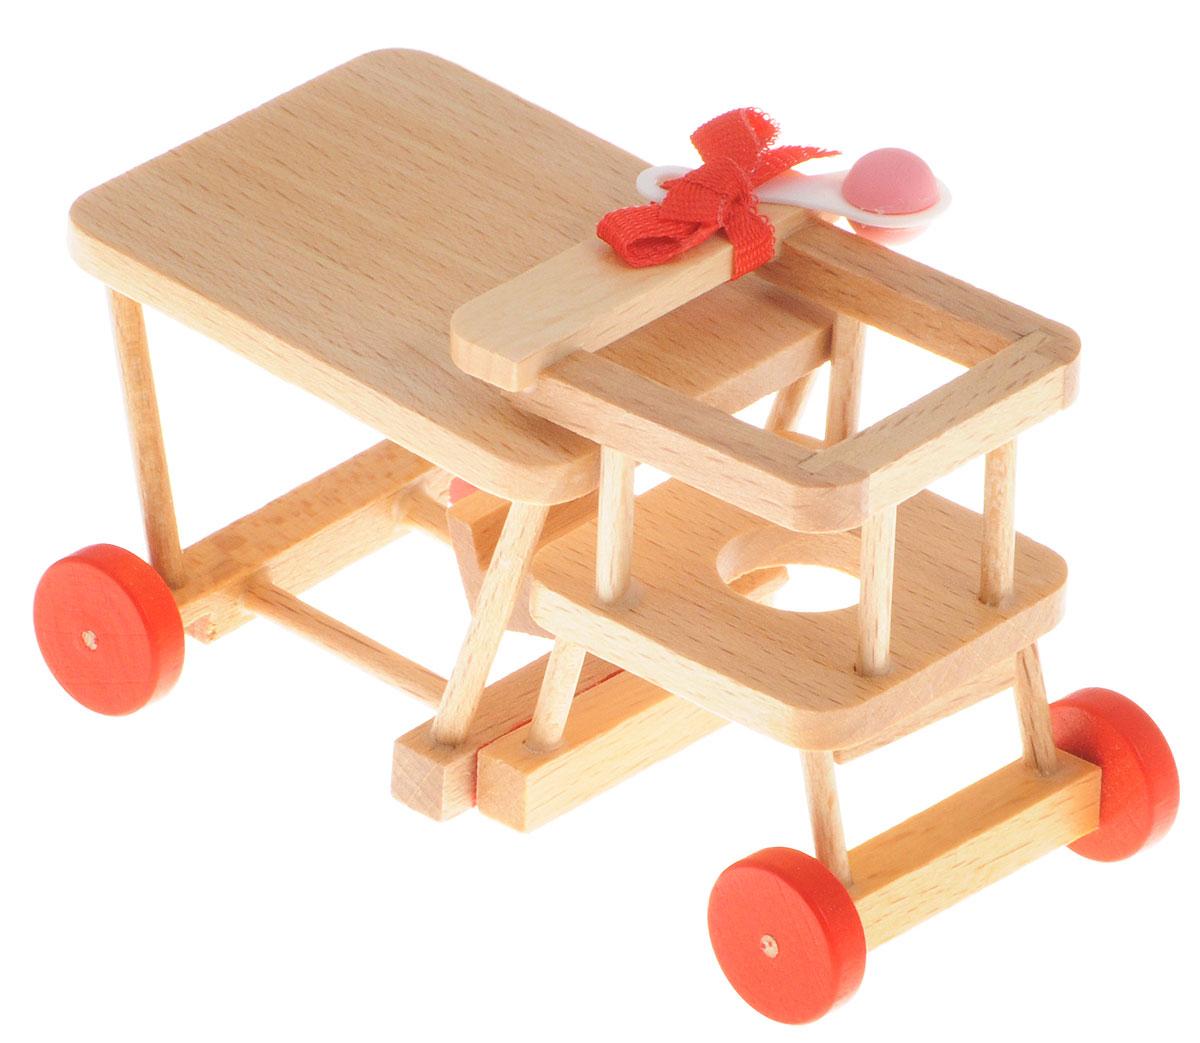 Fritz Canzler Стульчик-трансформер для кормления кукол13-4882-00Стульчик-трансформер для кормления Fritz Canzler - это прекрасный аксессуар для игры с мини-куклами. Ваш ребенок может придумать и разыграть различные ситуации, используя кукол и стульчик для кормления. Игрушка изготовлена из высококачественного материала, в производстве используется древесина бука и клена. Стульчик-трансформер для кормления Fritz Canzler обеспечивает развитие и обучение вашего ребенка в процессе игры. Производство осуществляется в Германии.